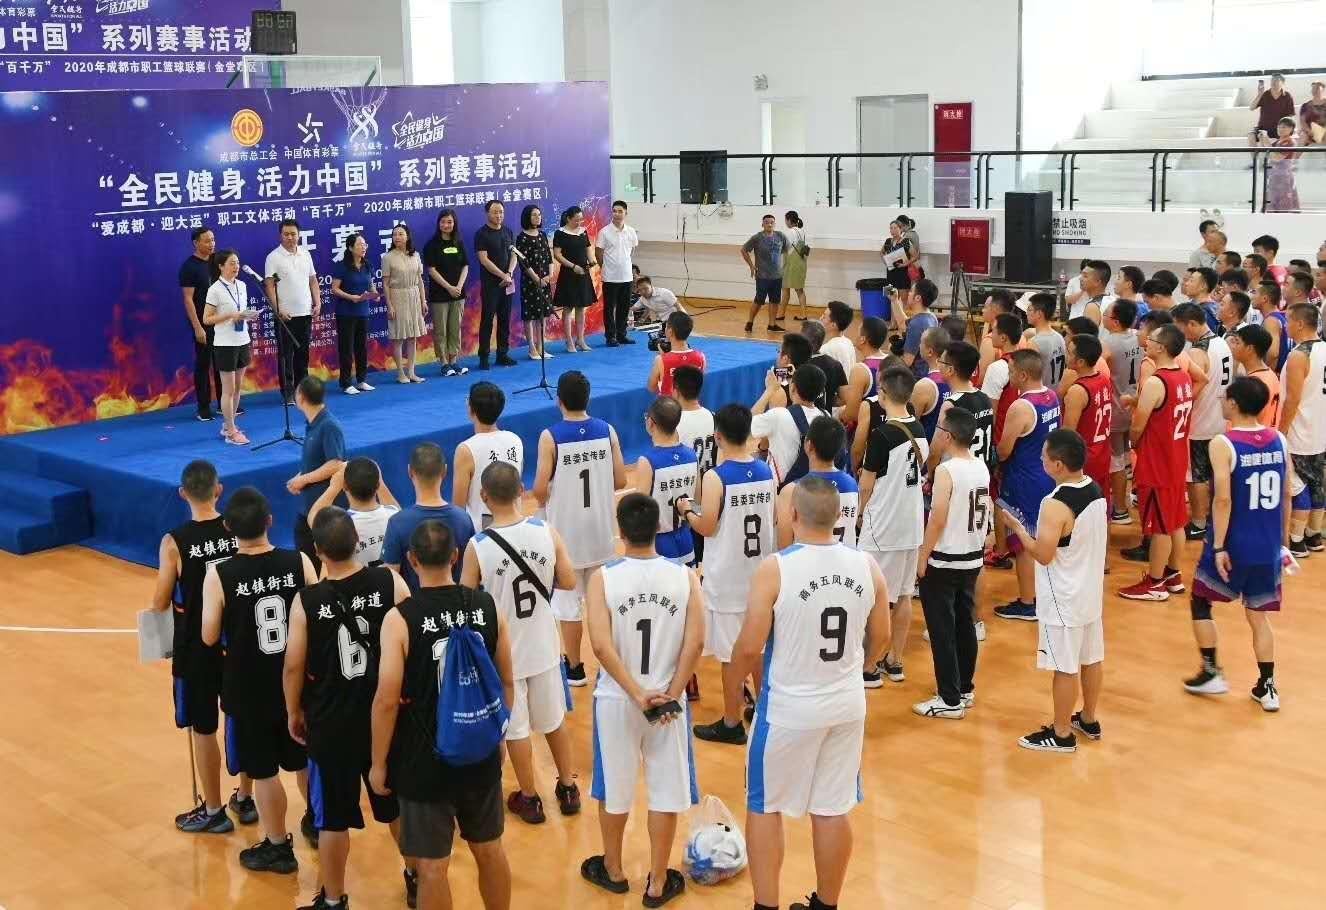 成都金堂举办中国男篮vs韩国职工篮球联赛